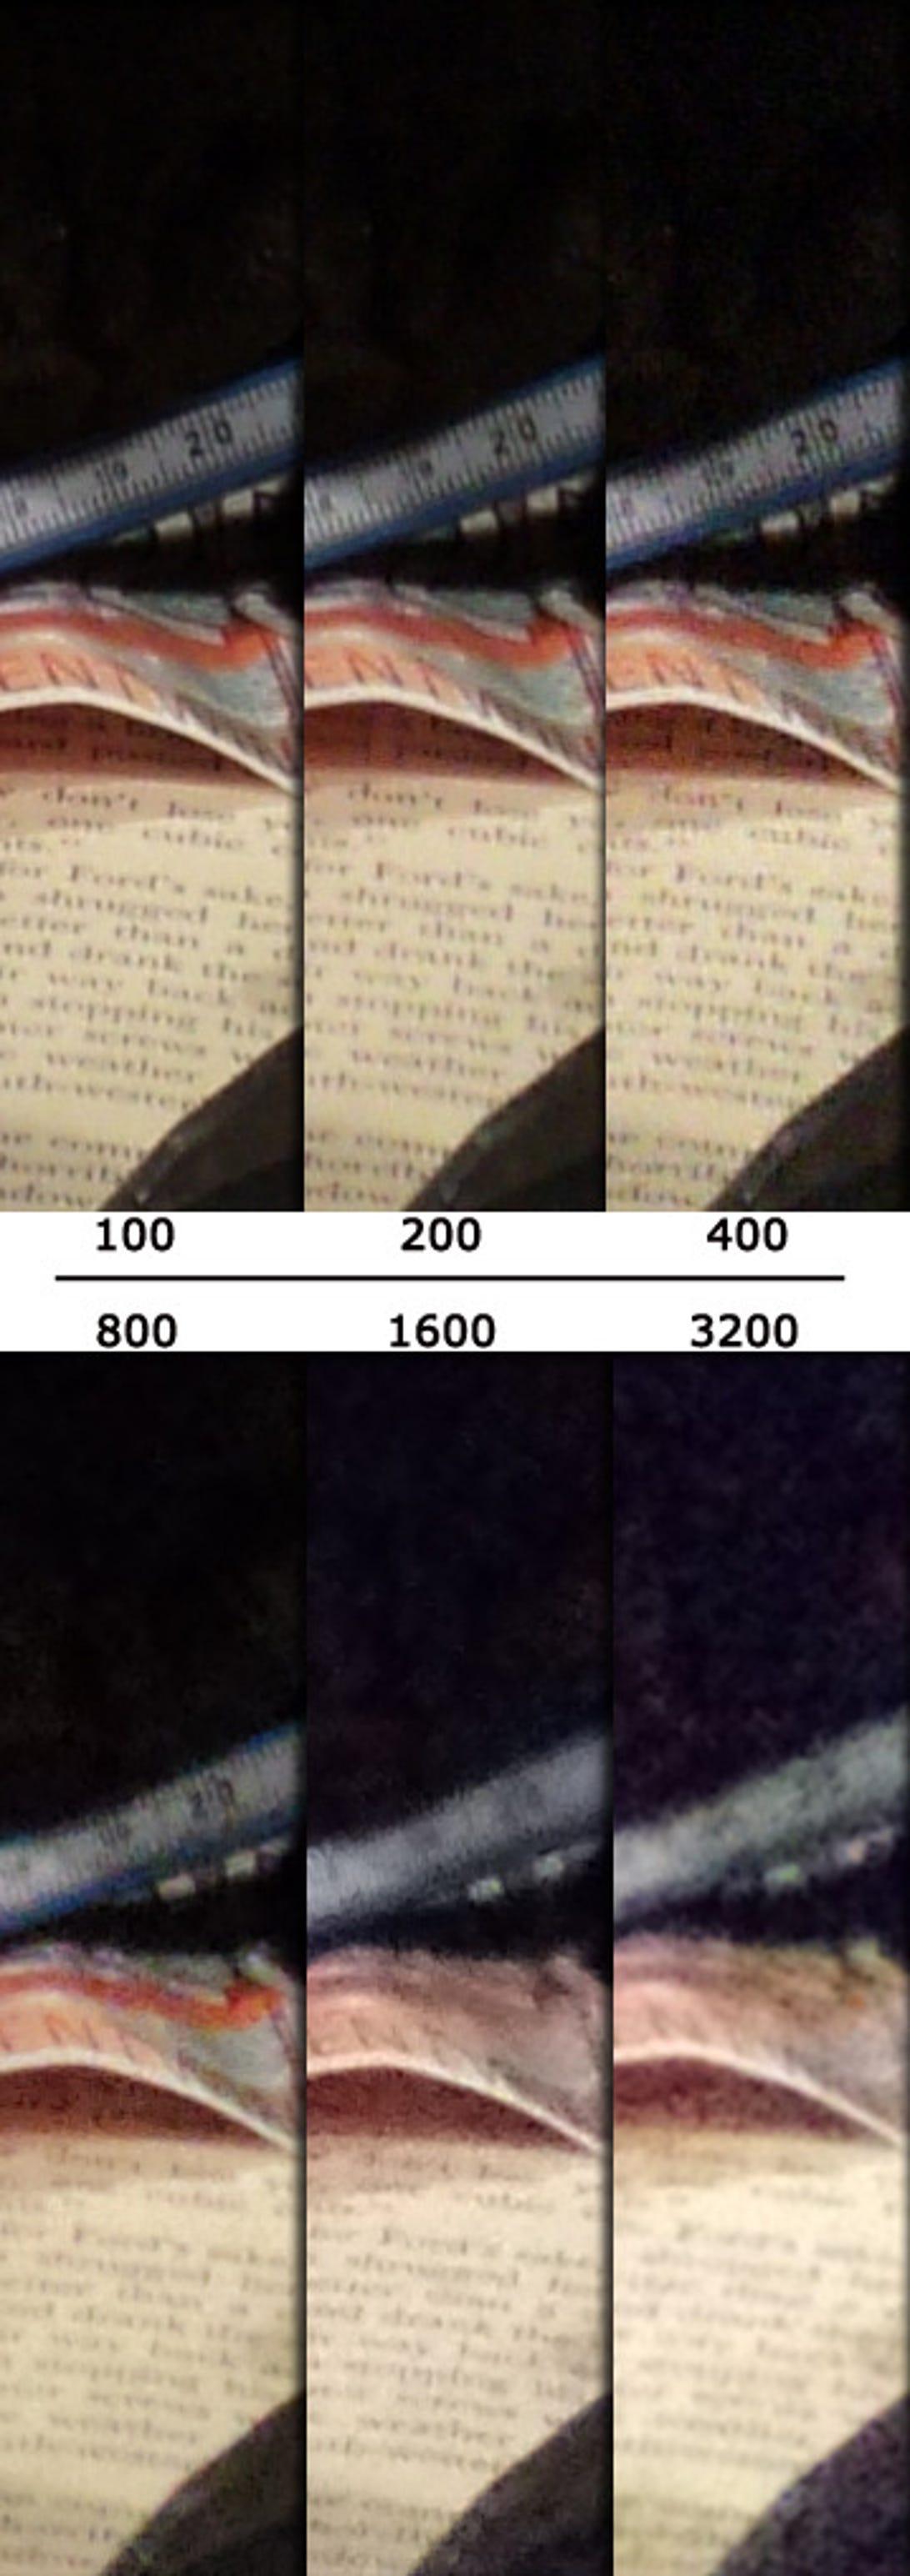 33946409_Sony_Cyber-shot_DSC-S2100_ISO_comparison.jpg